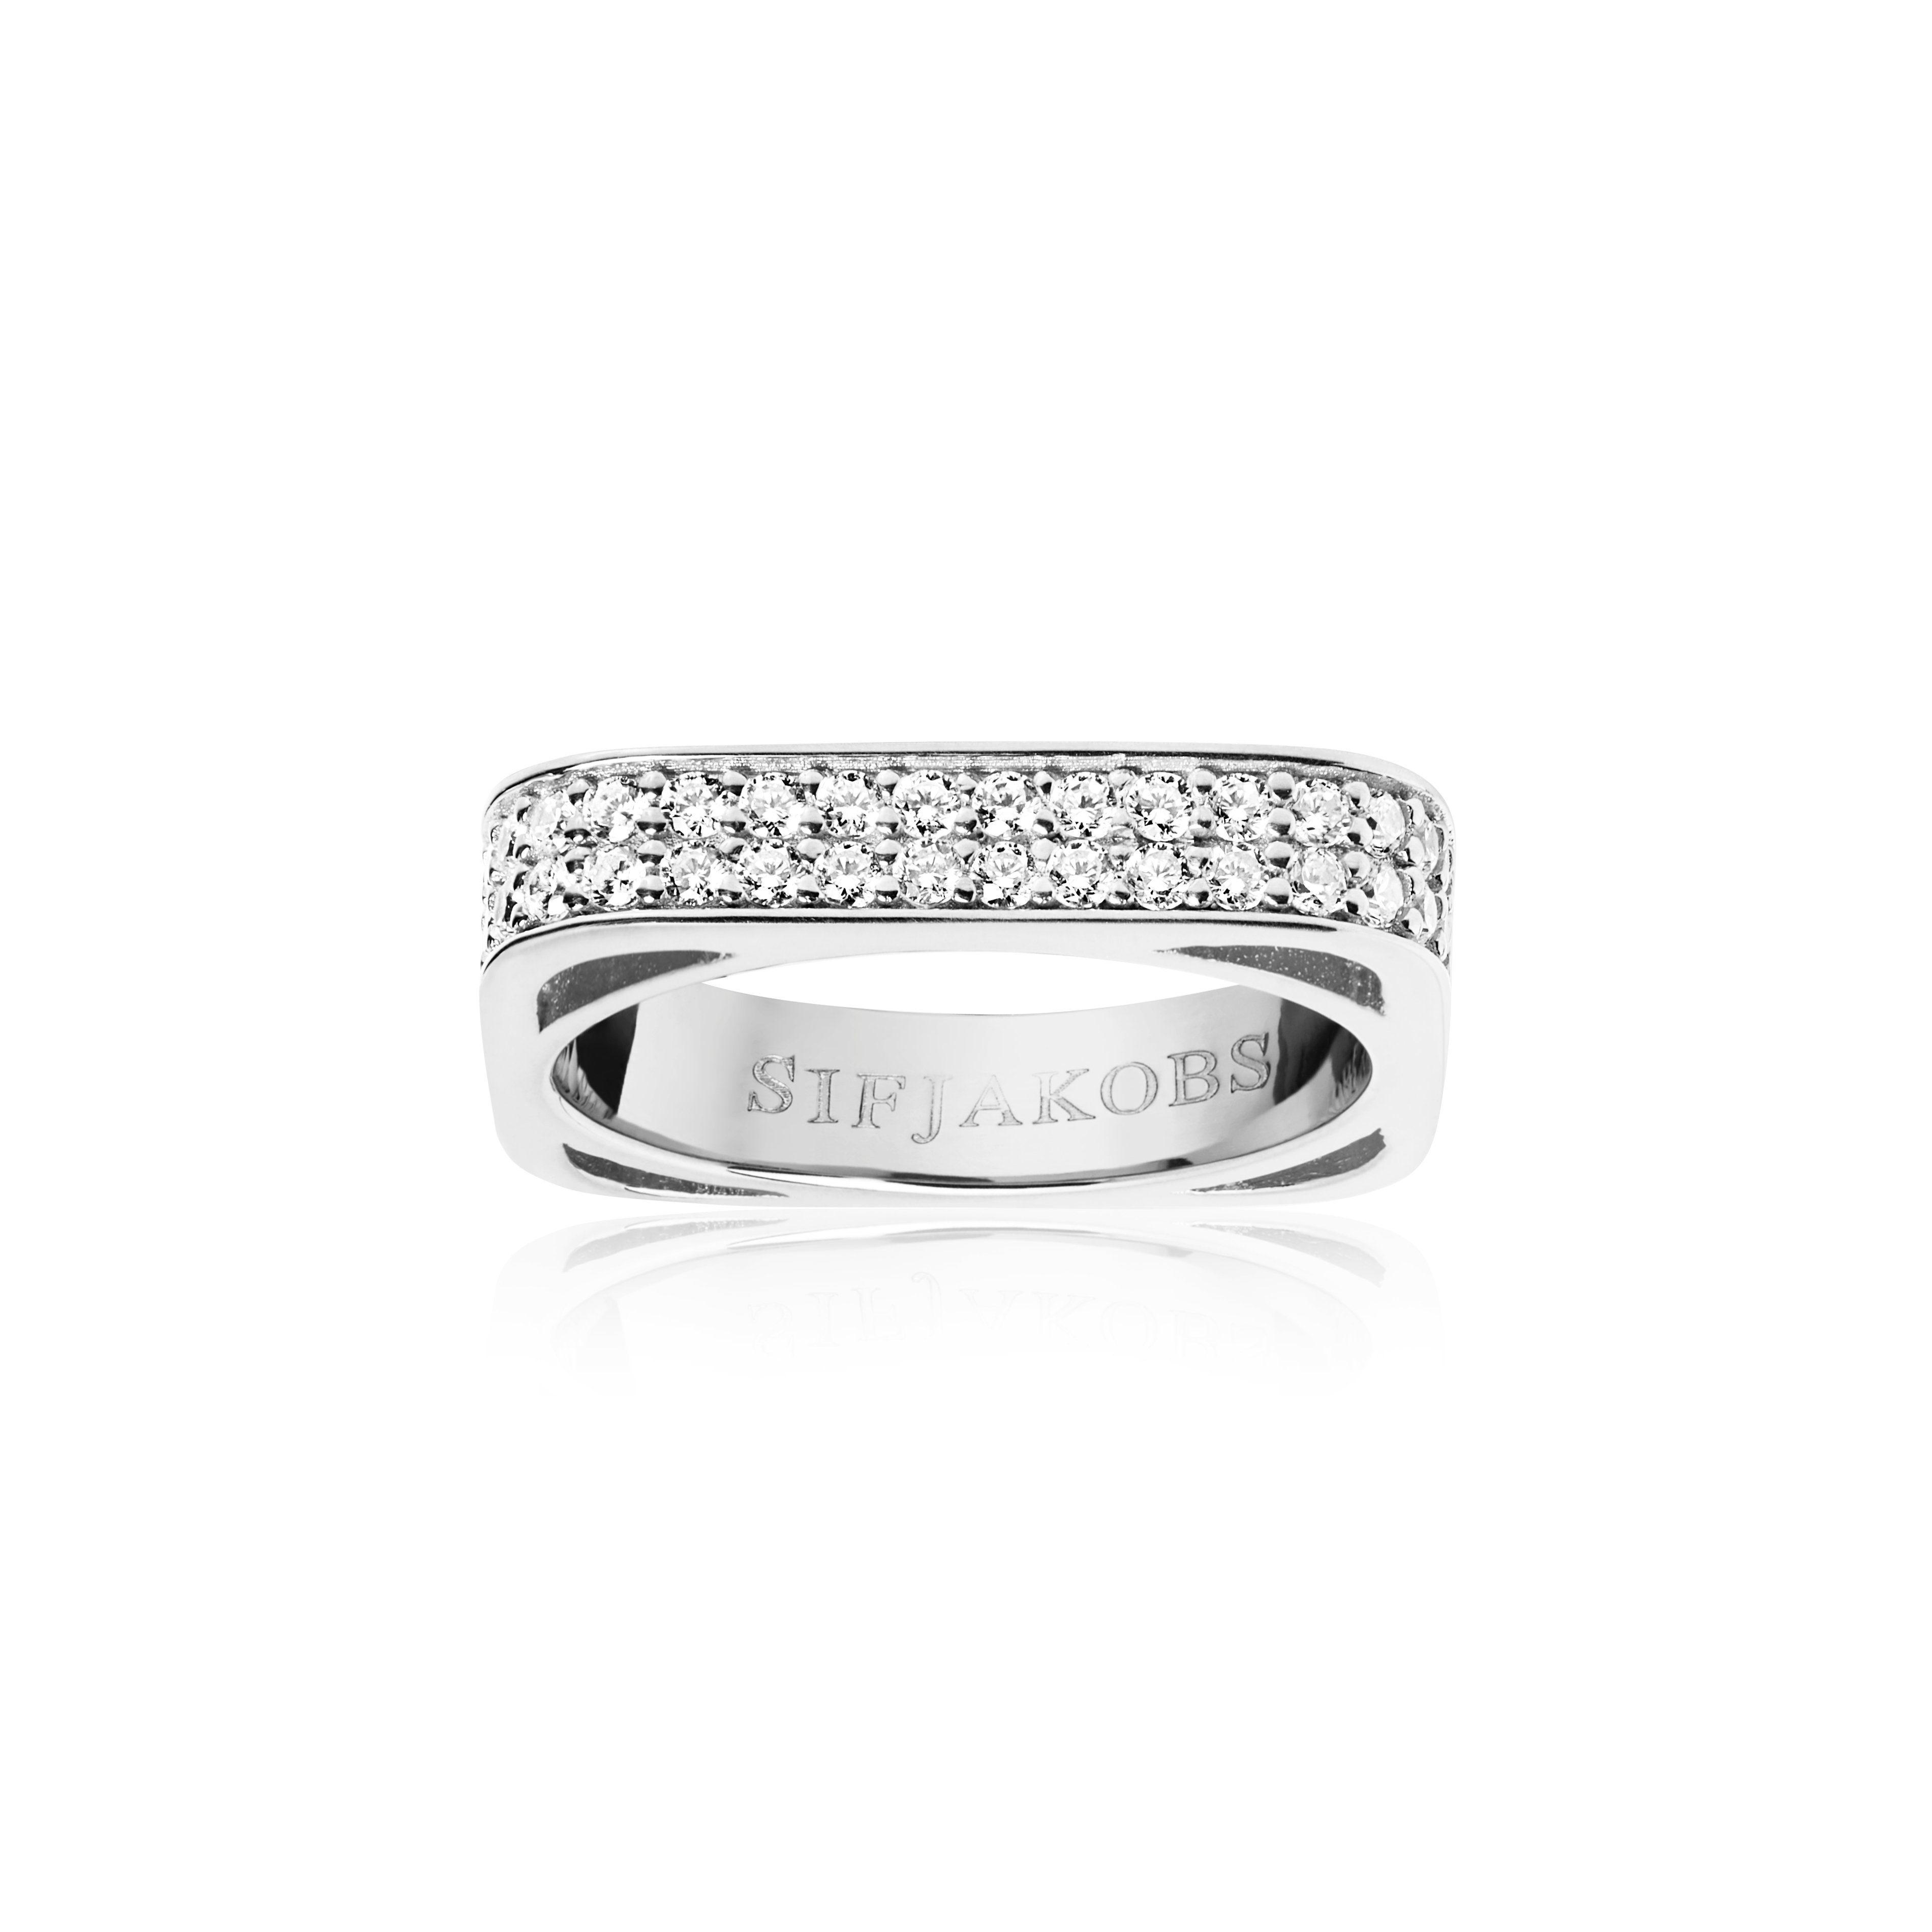 Sif Jakobs Jewellery Ring 925 Silber rhodiniert, mit weißen gefassten Zirkonia »MATERA« online kaufen   OTTO